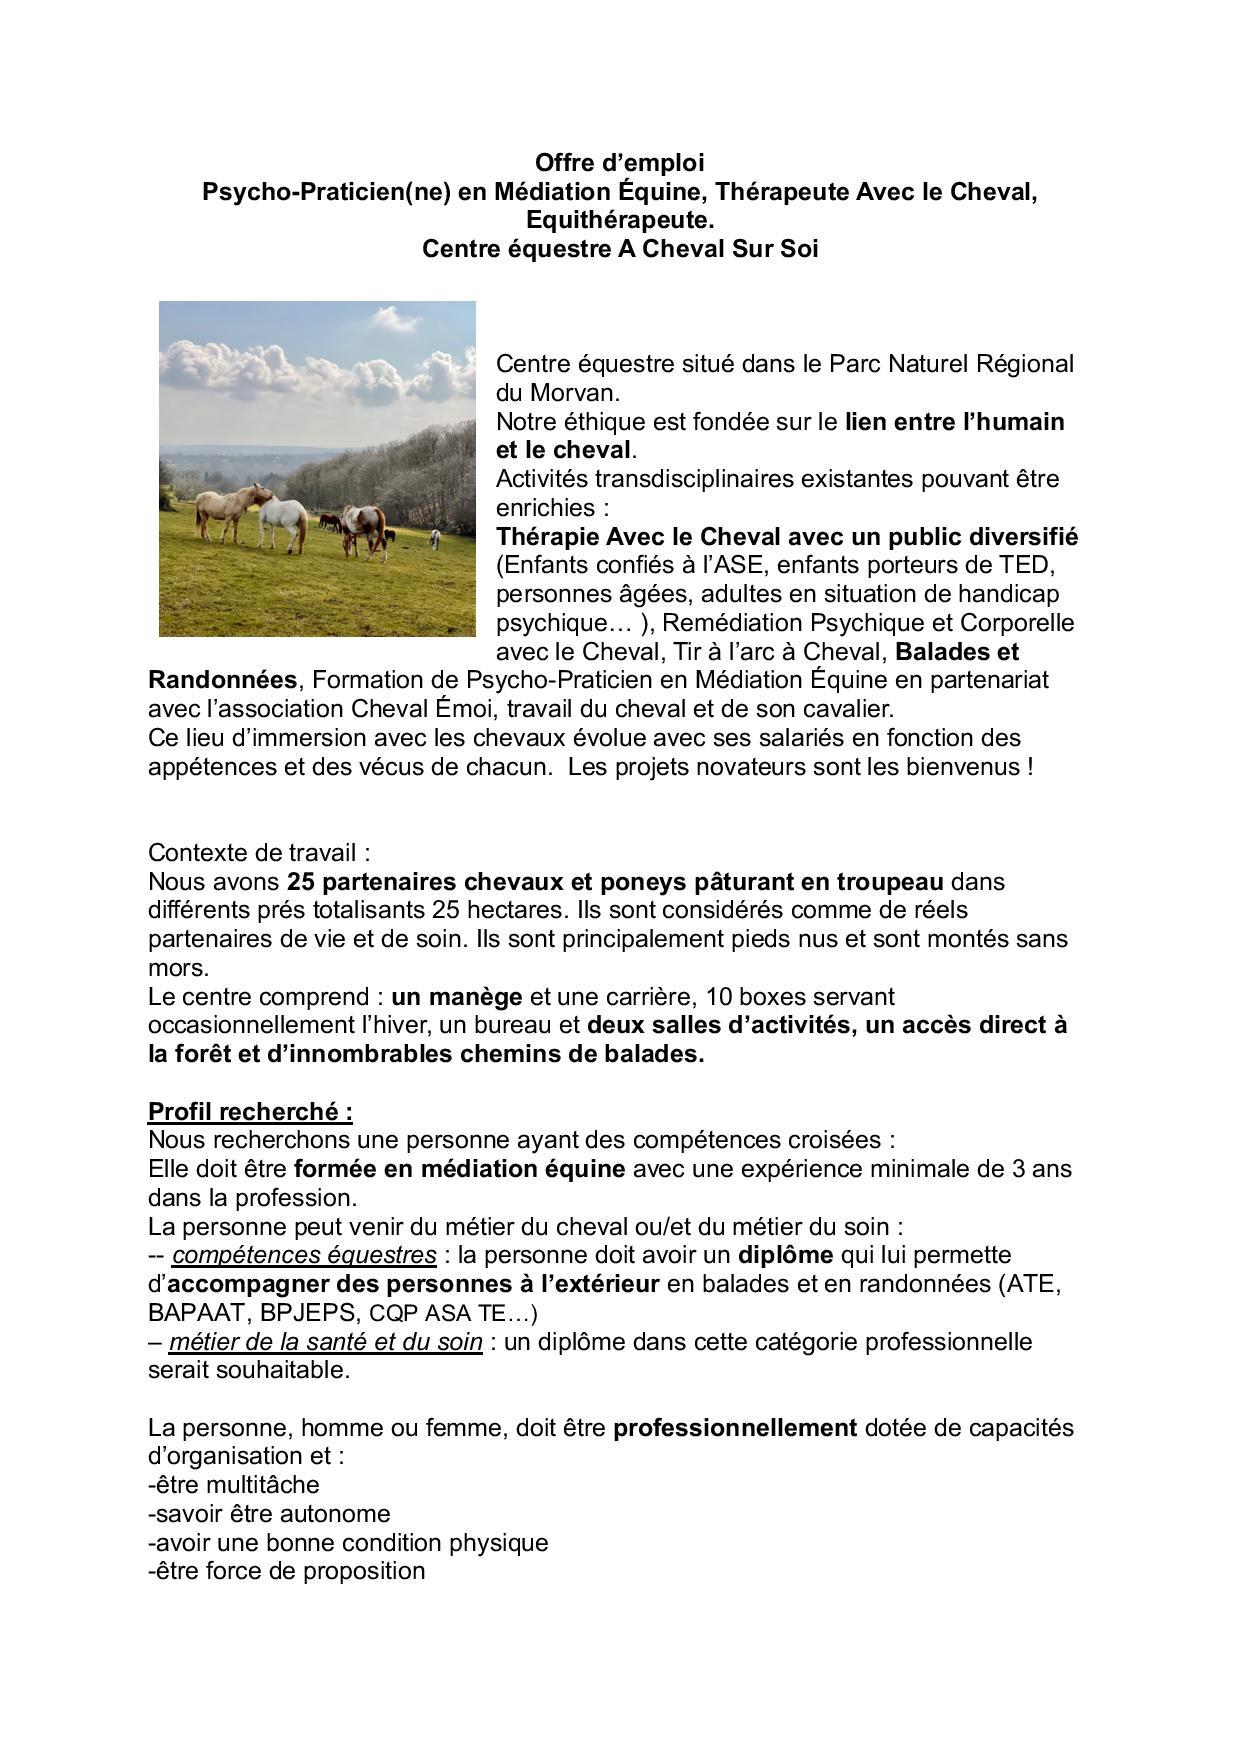 Offre d emploi Praticien(ne) en Médiation Equine A Cheval Sur Soi-page-001